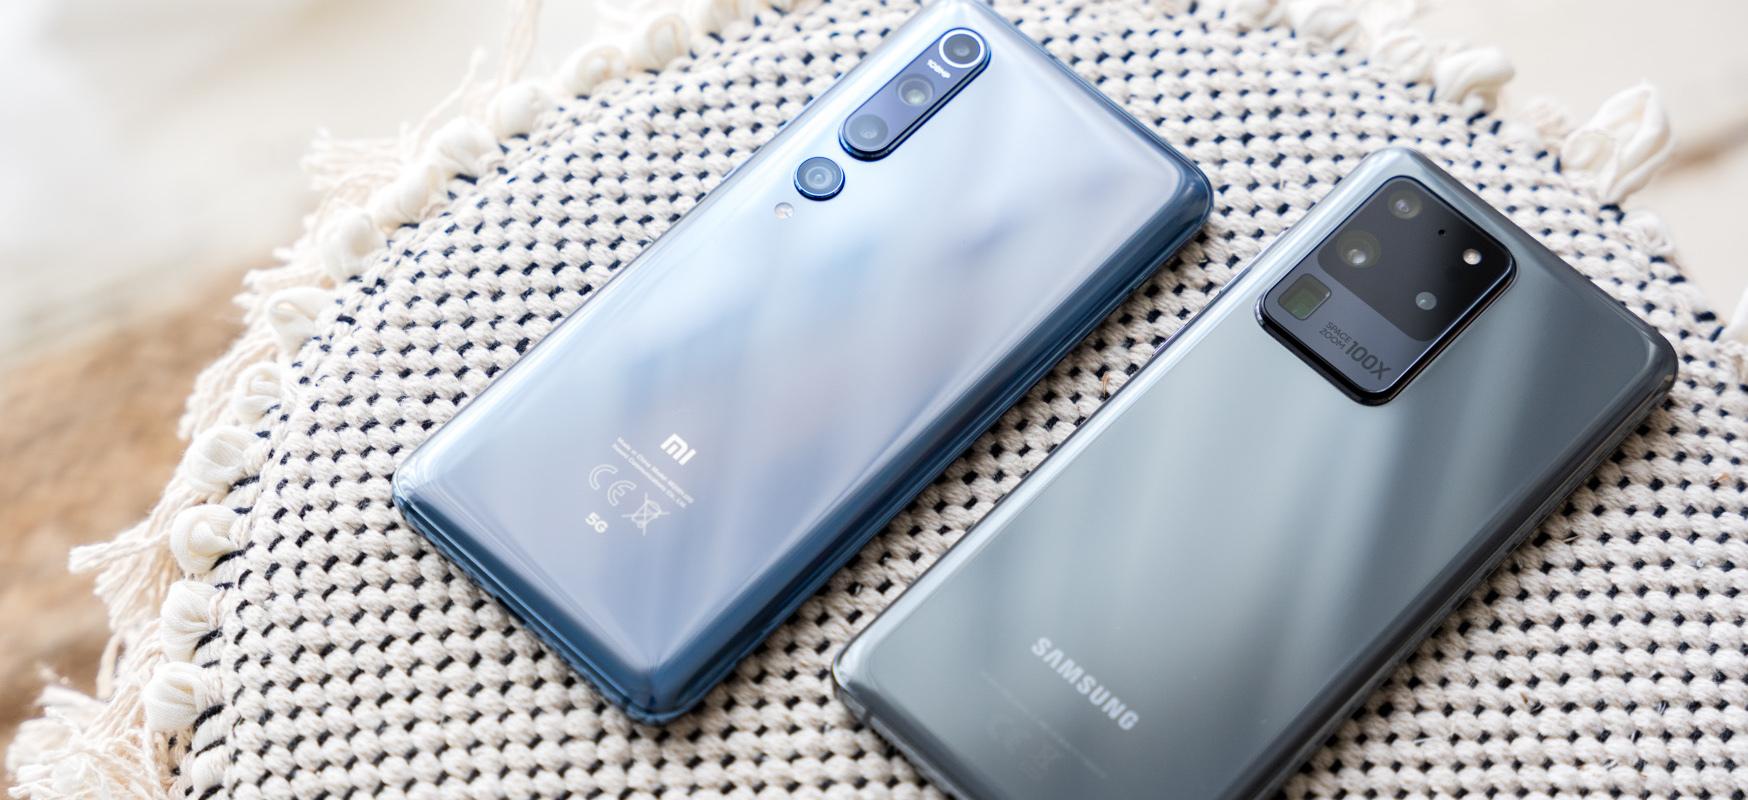 Xiaomi-k azkarregi ireki zuen xanpaina.  Samsung da Polonian oraindik ere agintzen duena